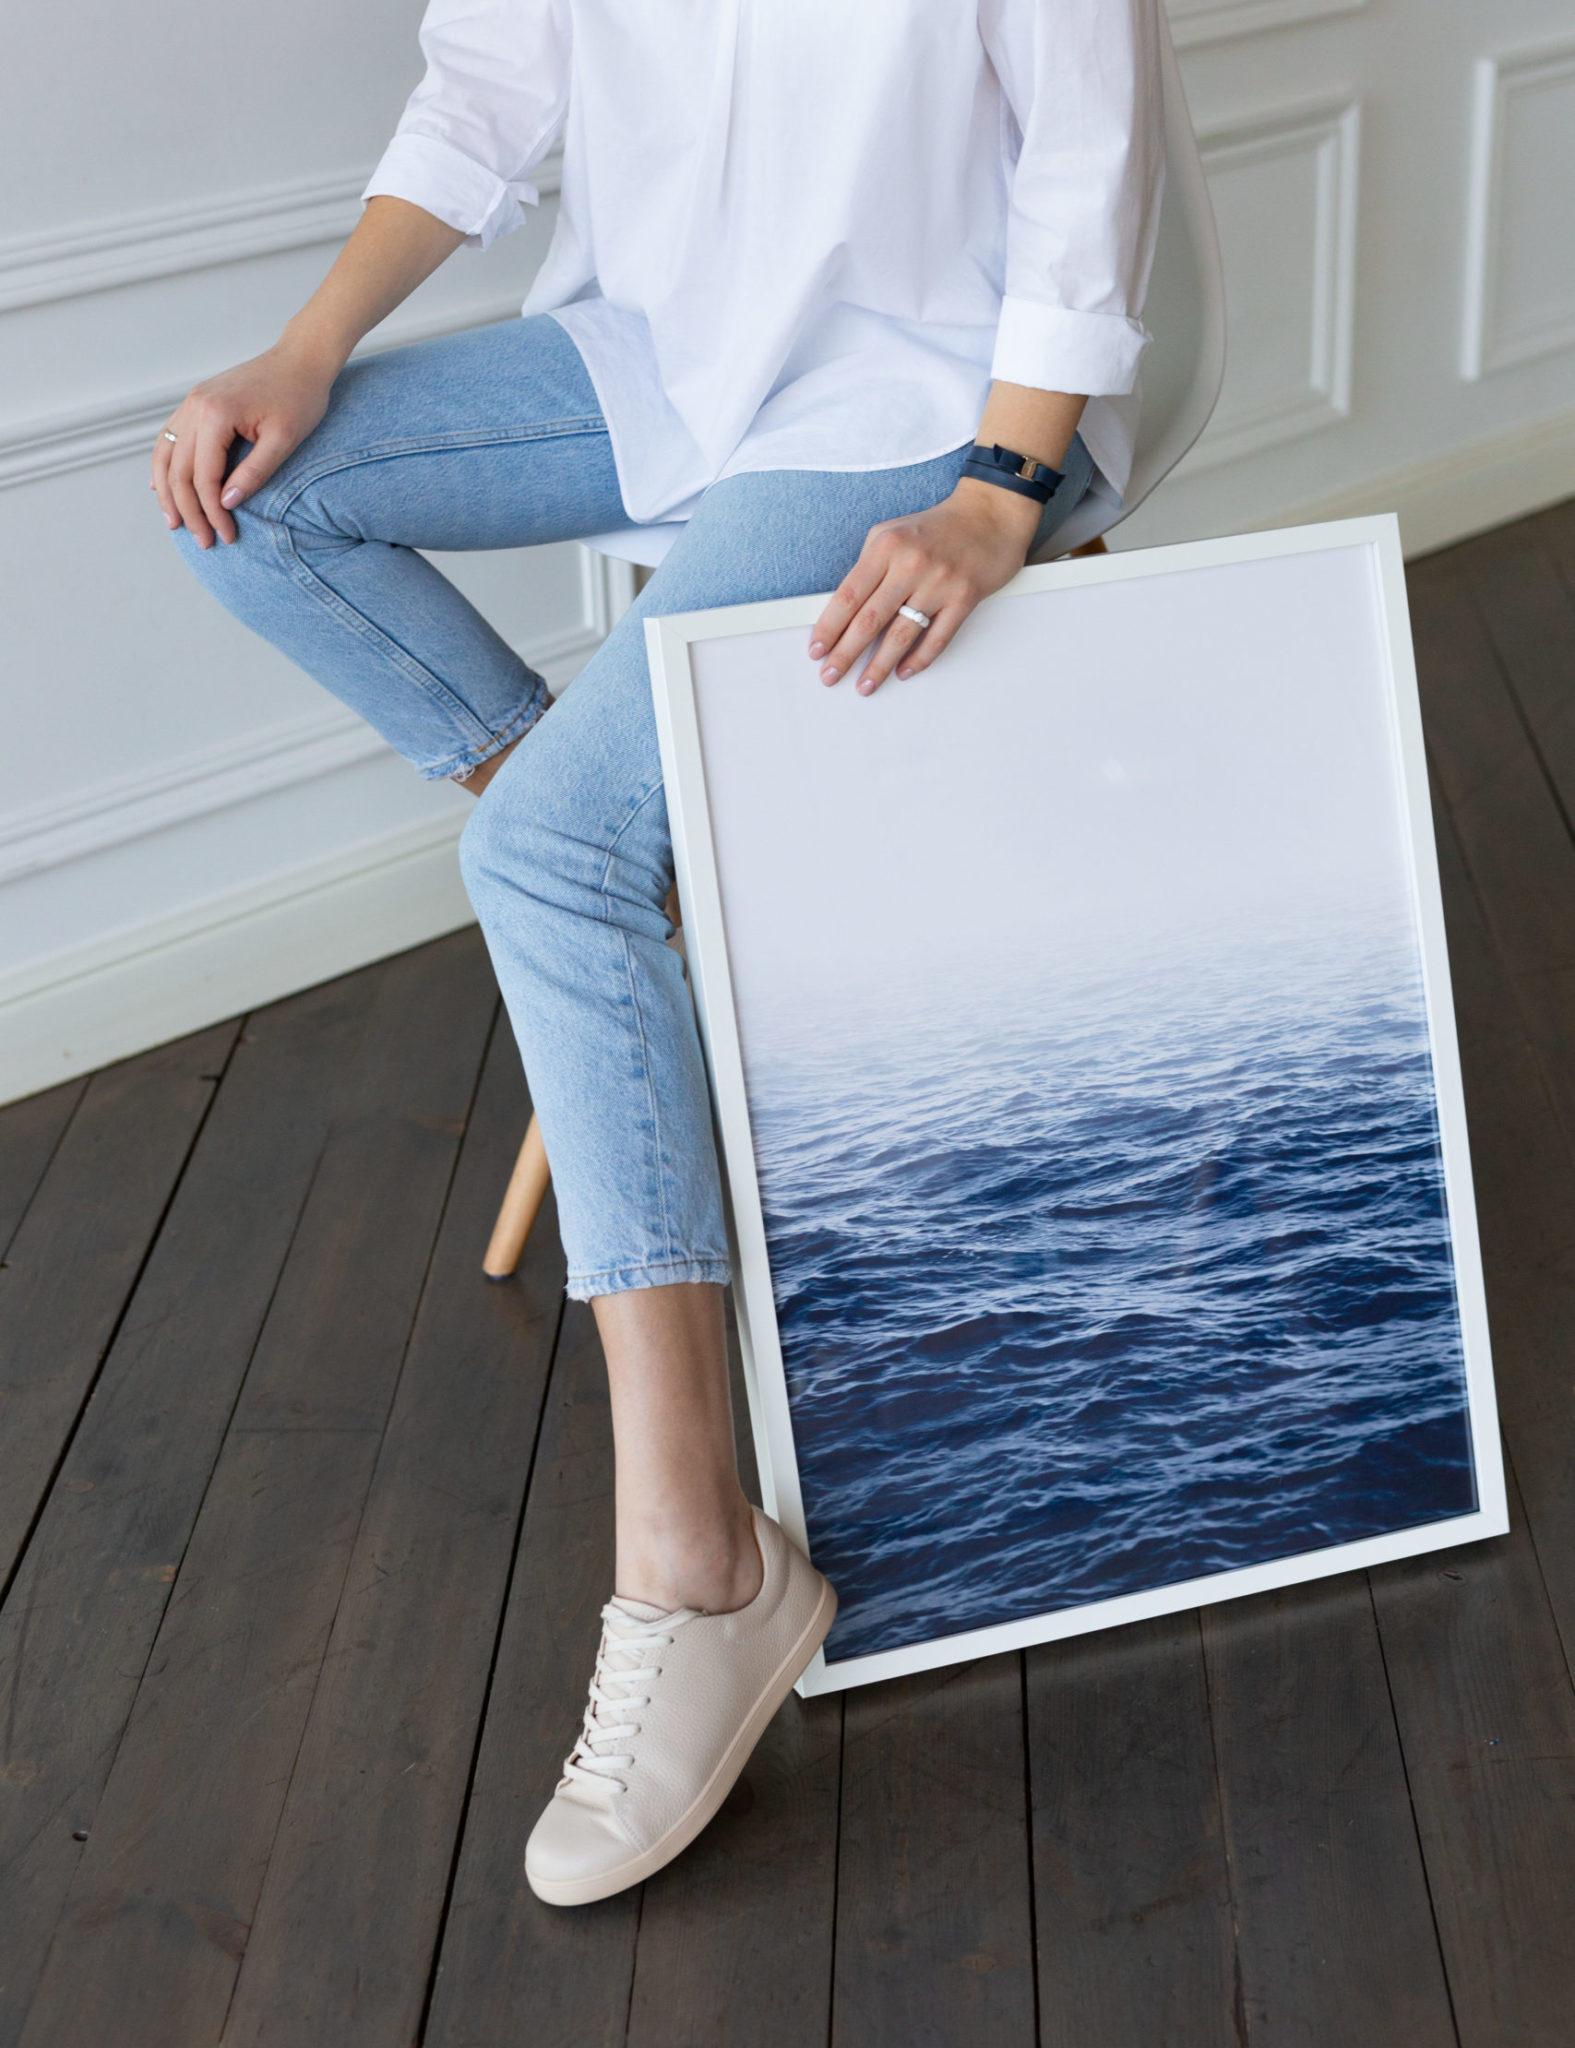 постер рябь на воде